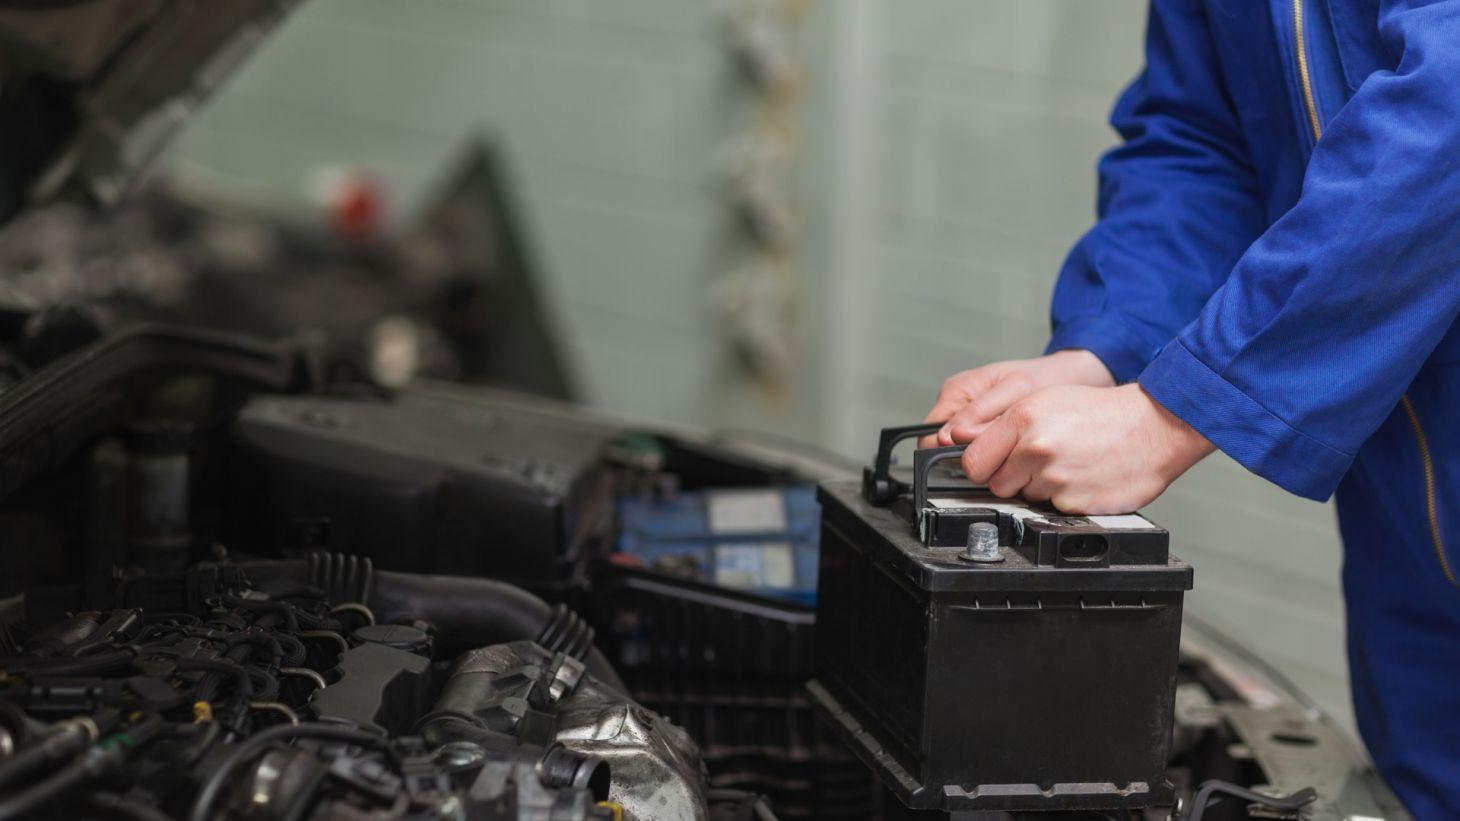 mecanico trocando bateria carro automovel